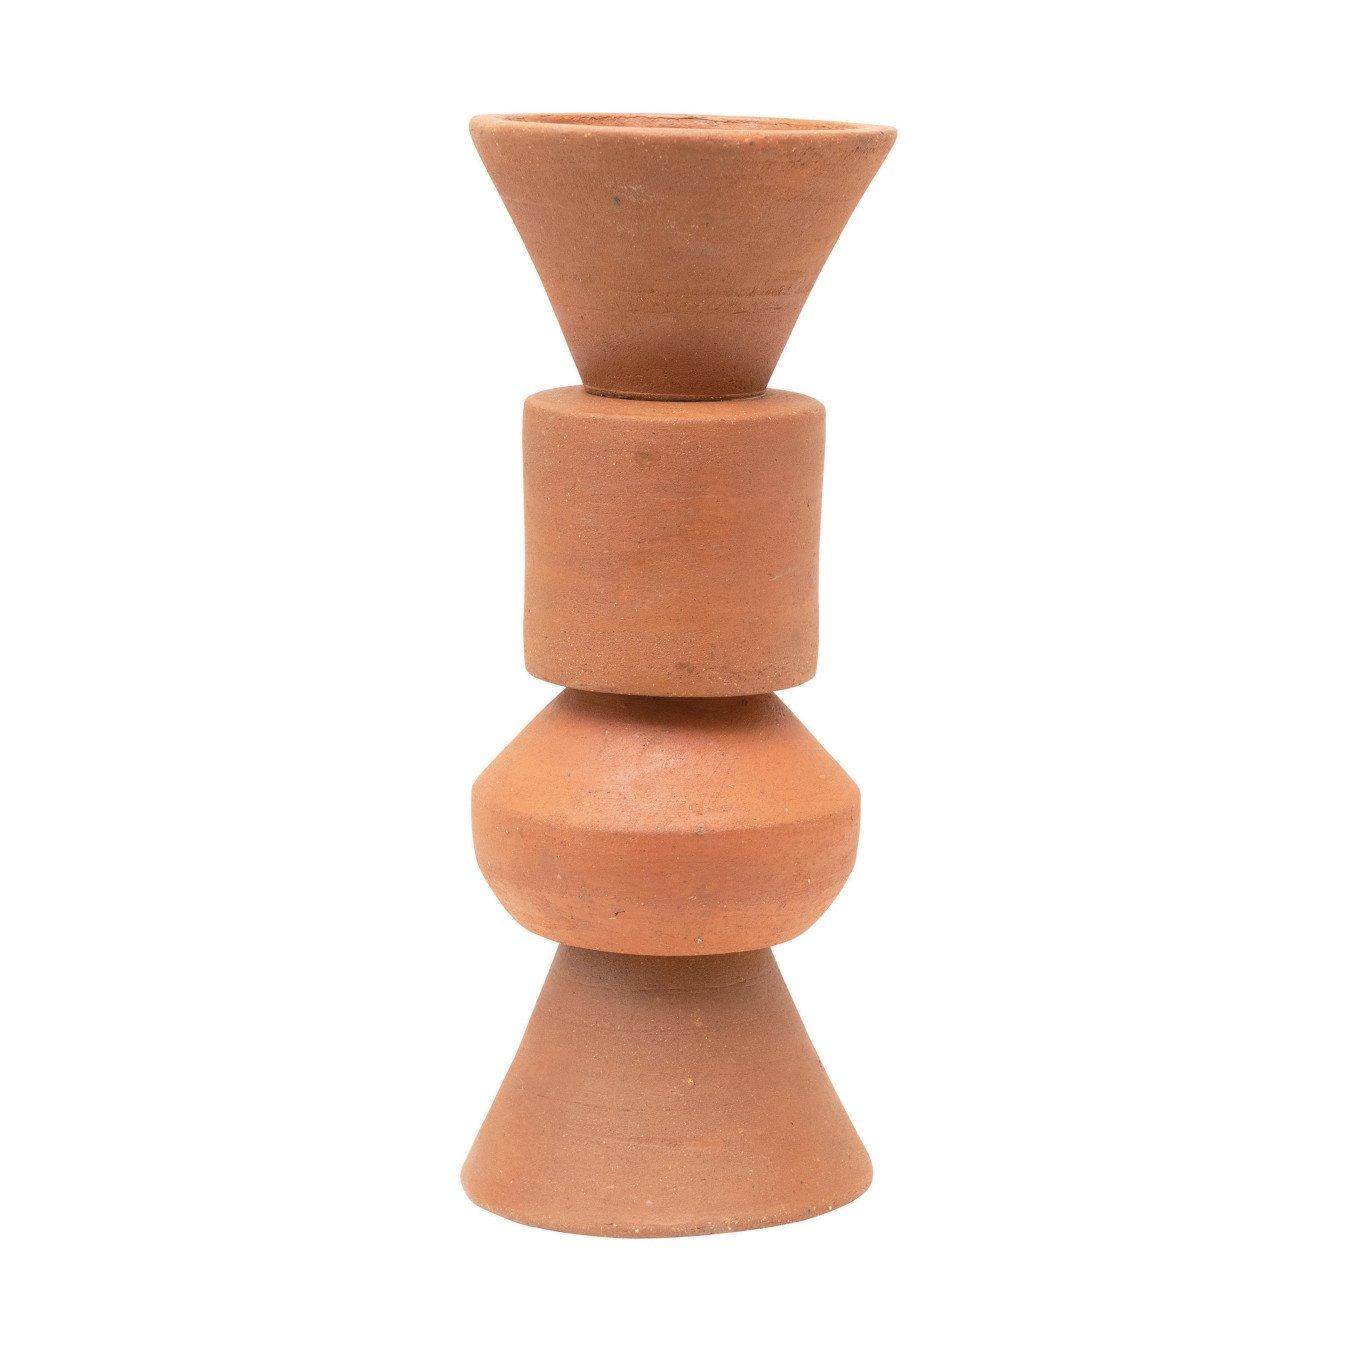 Handmade Terra-cotta Vase